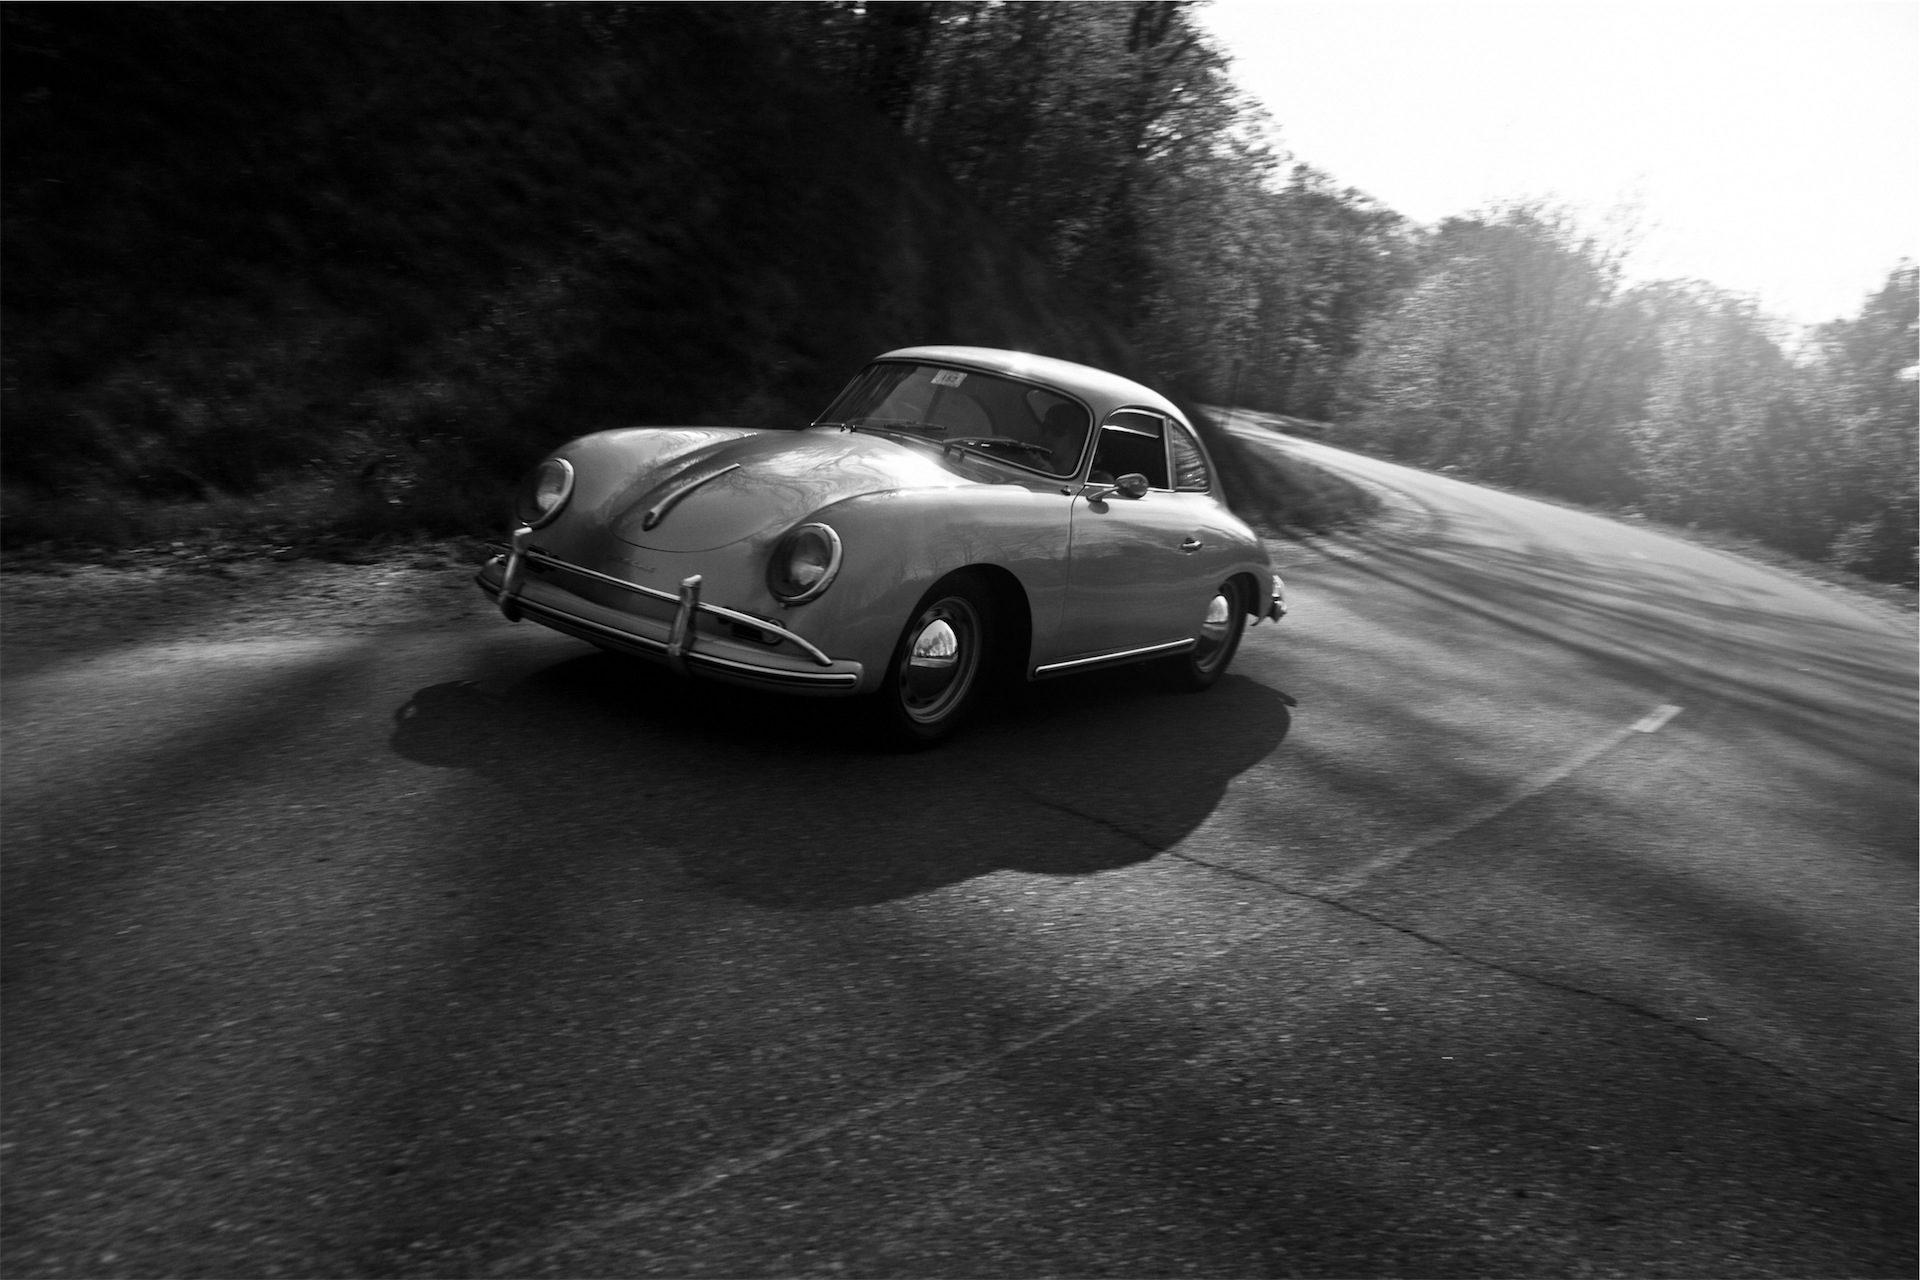 汽车, 道路, 速度, 老, 年份 - 高清壁纸 - 教授-falken.com